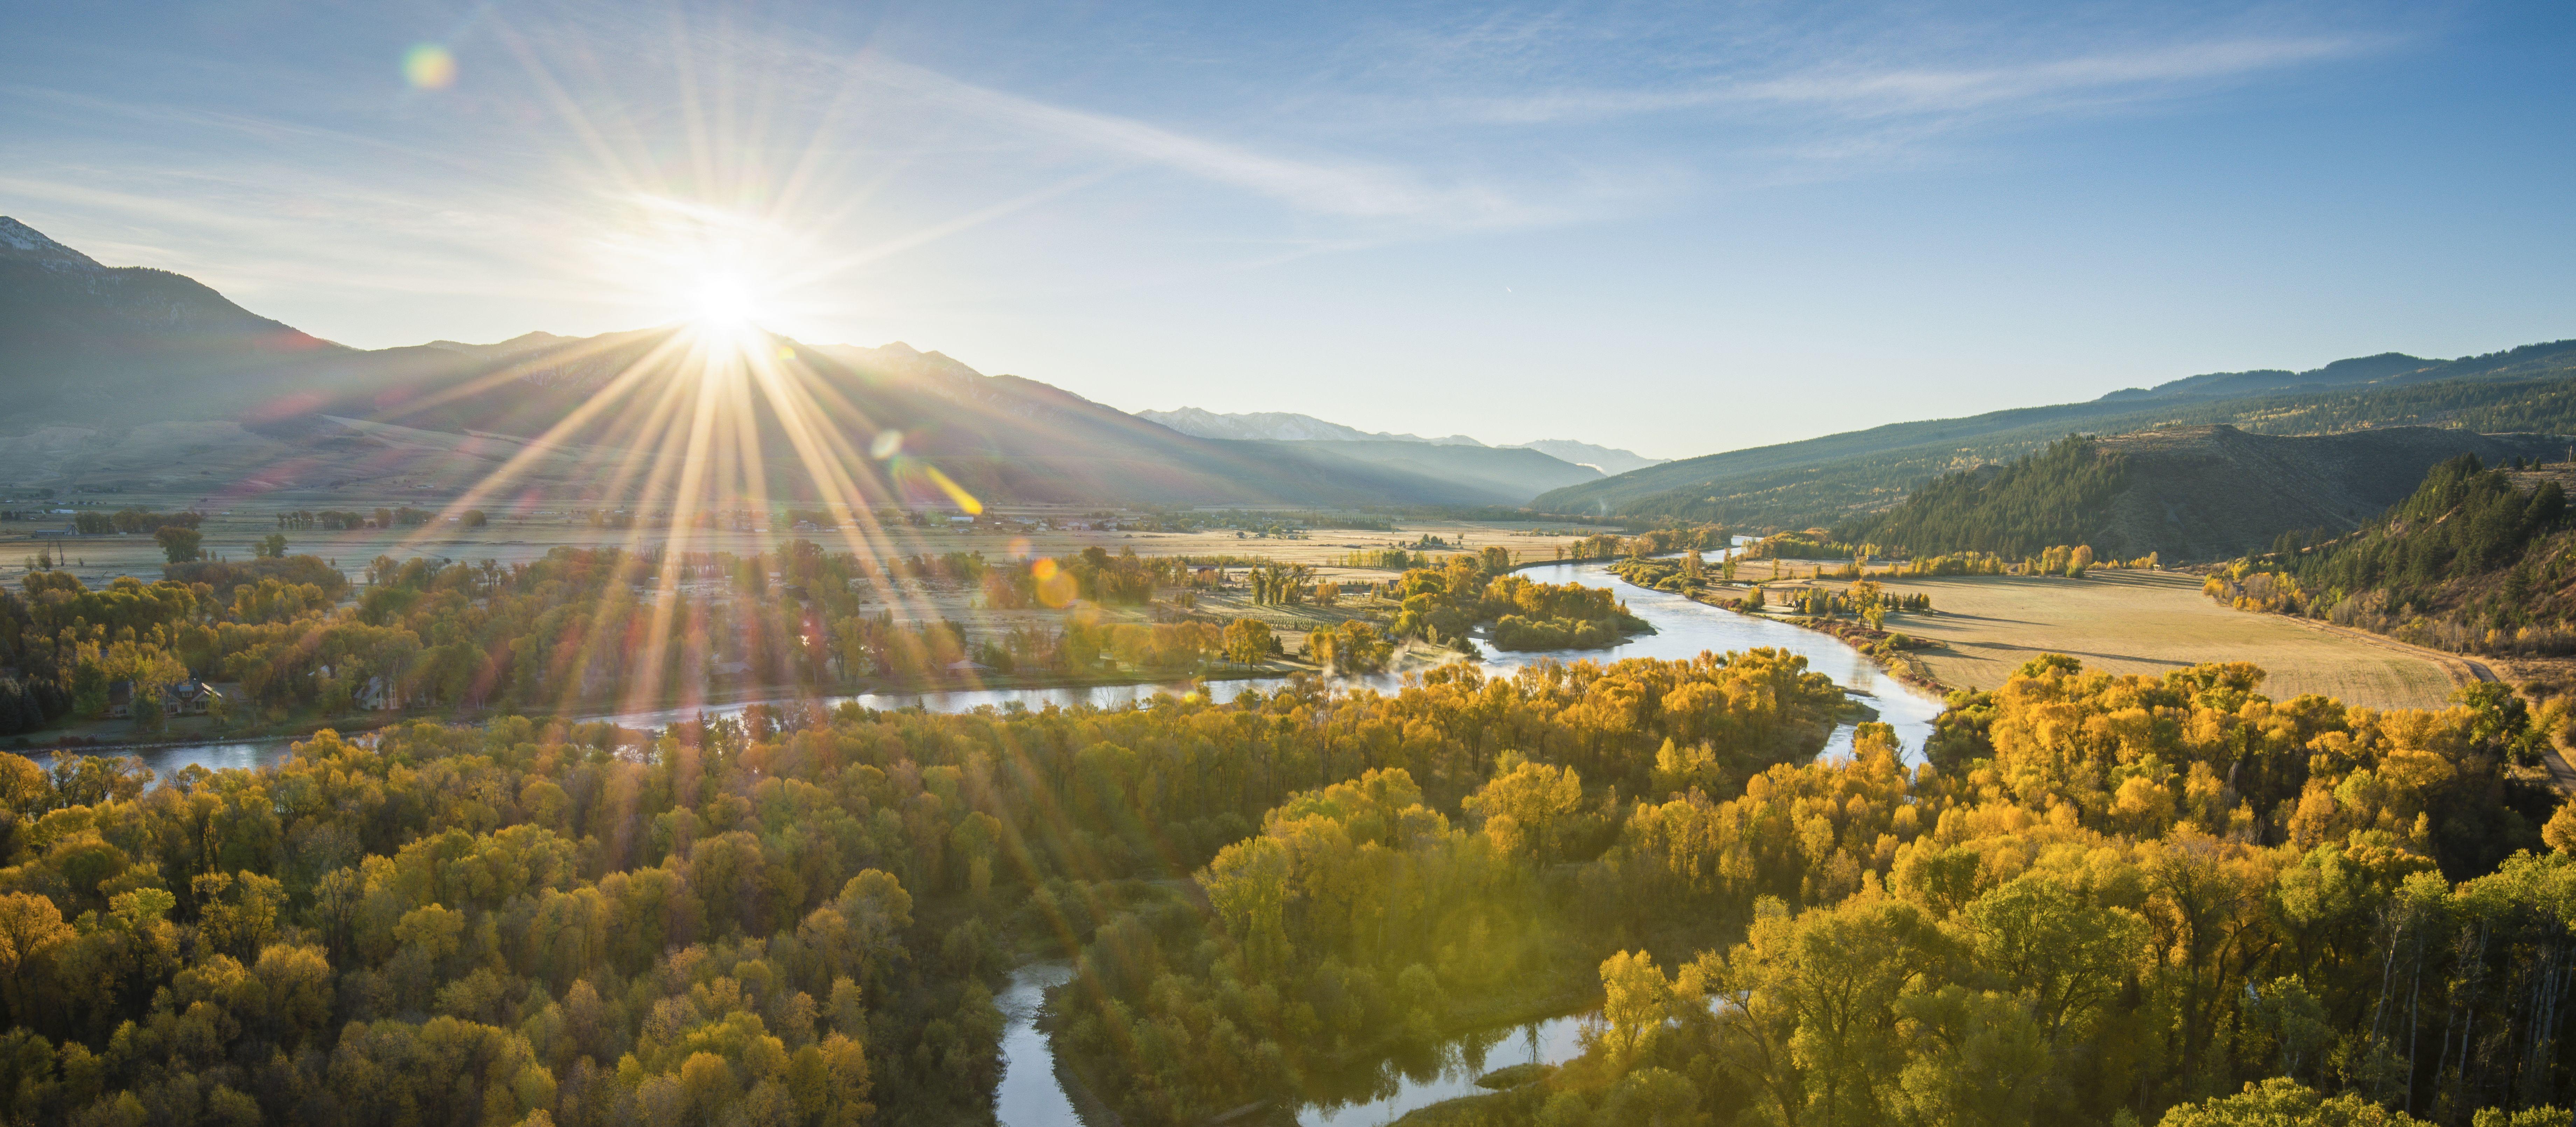 Die Südgabel des Snake Rivers in der Nähe von Swan Valley in Idaho